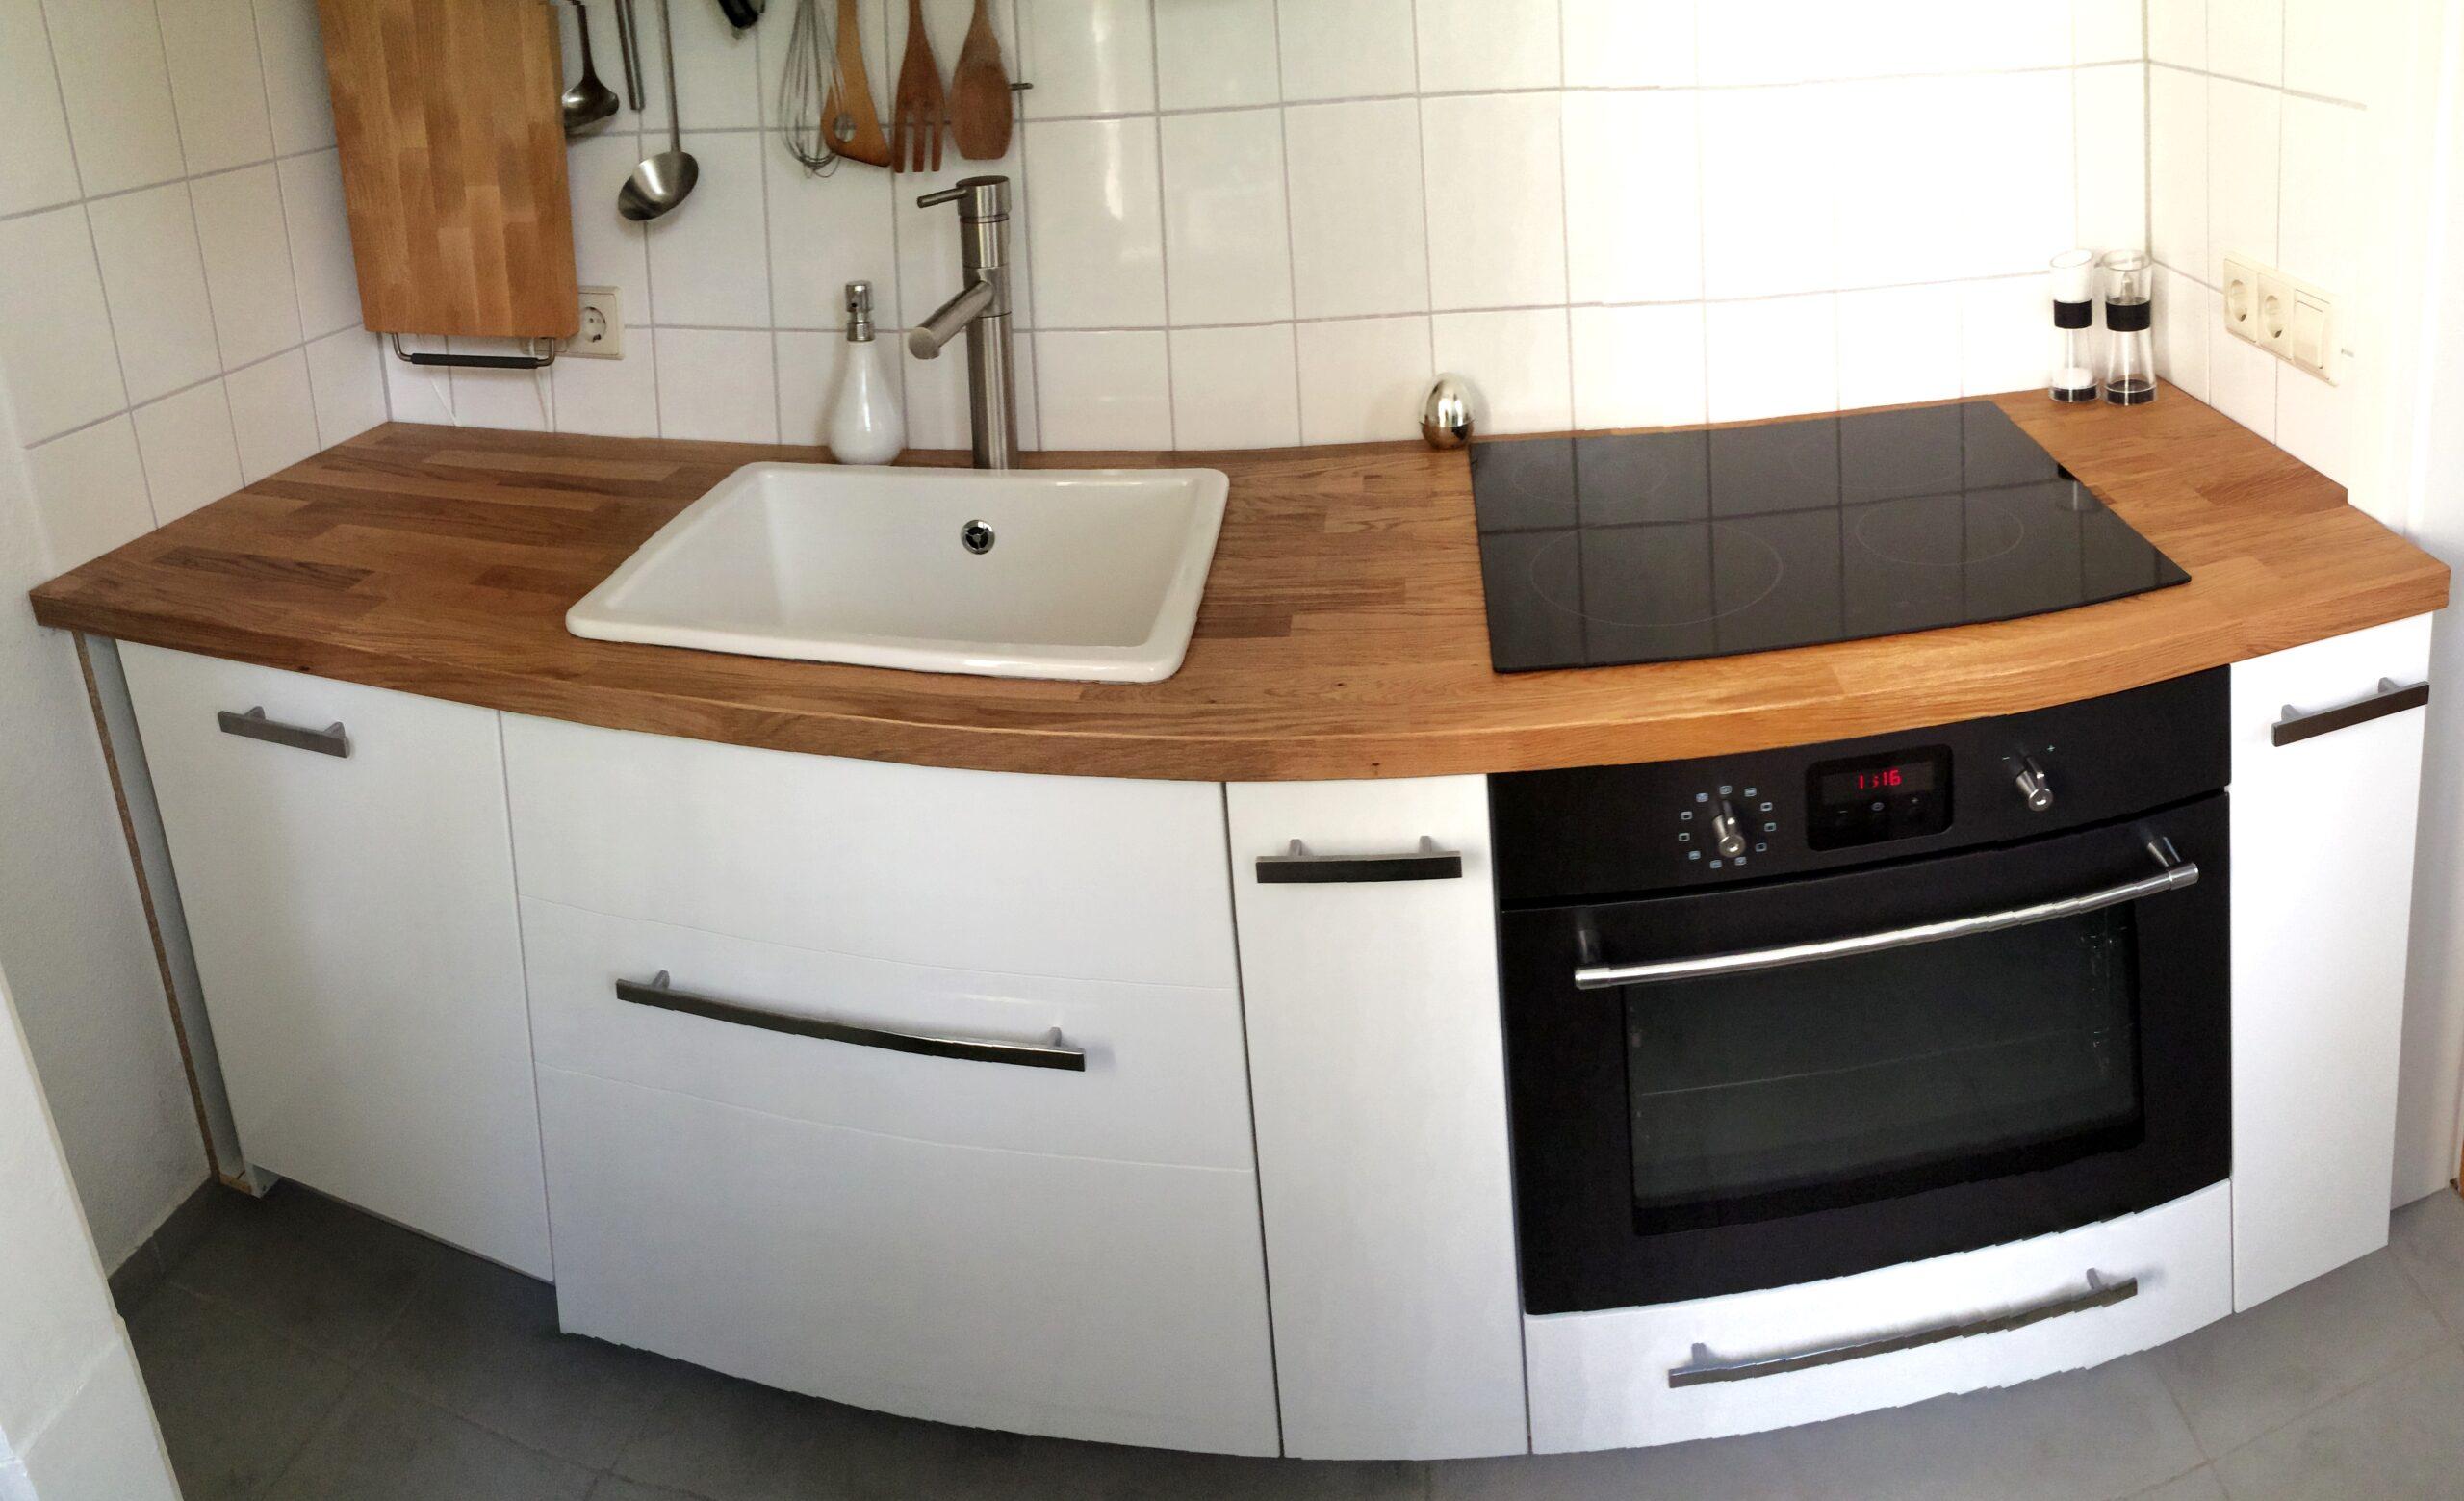 Full Size of Unsere Erste Ikea Kche Moderne Magazin Wasserhähne Küche Jalousieschrank Einzelschränke Waschbecken Keramik Anthrazit Vorhänge Regal Gardinen Für Die Wohnzimmer Ikea Küche Gebraucht